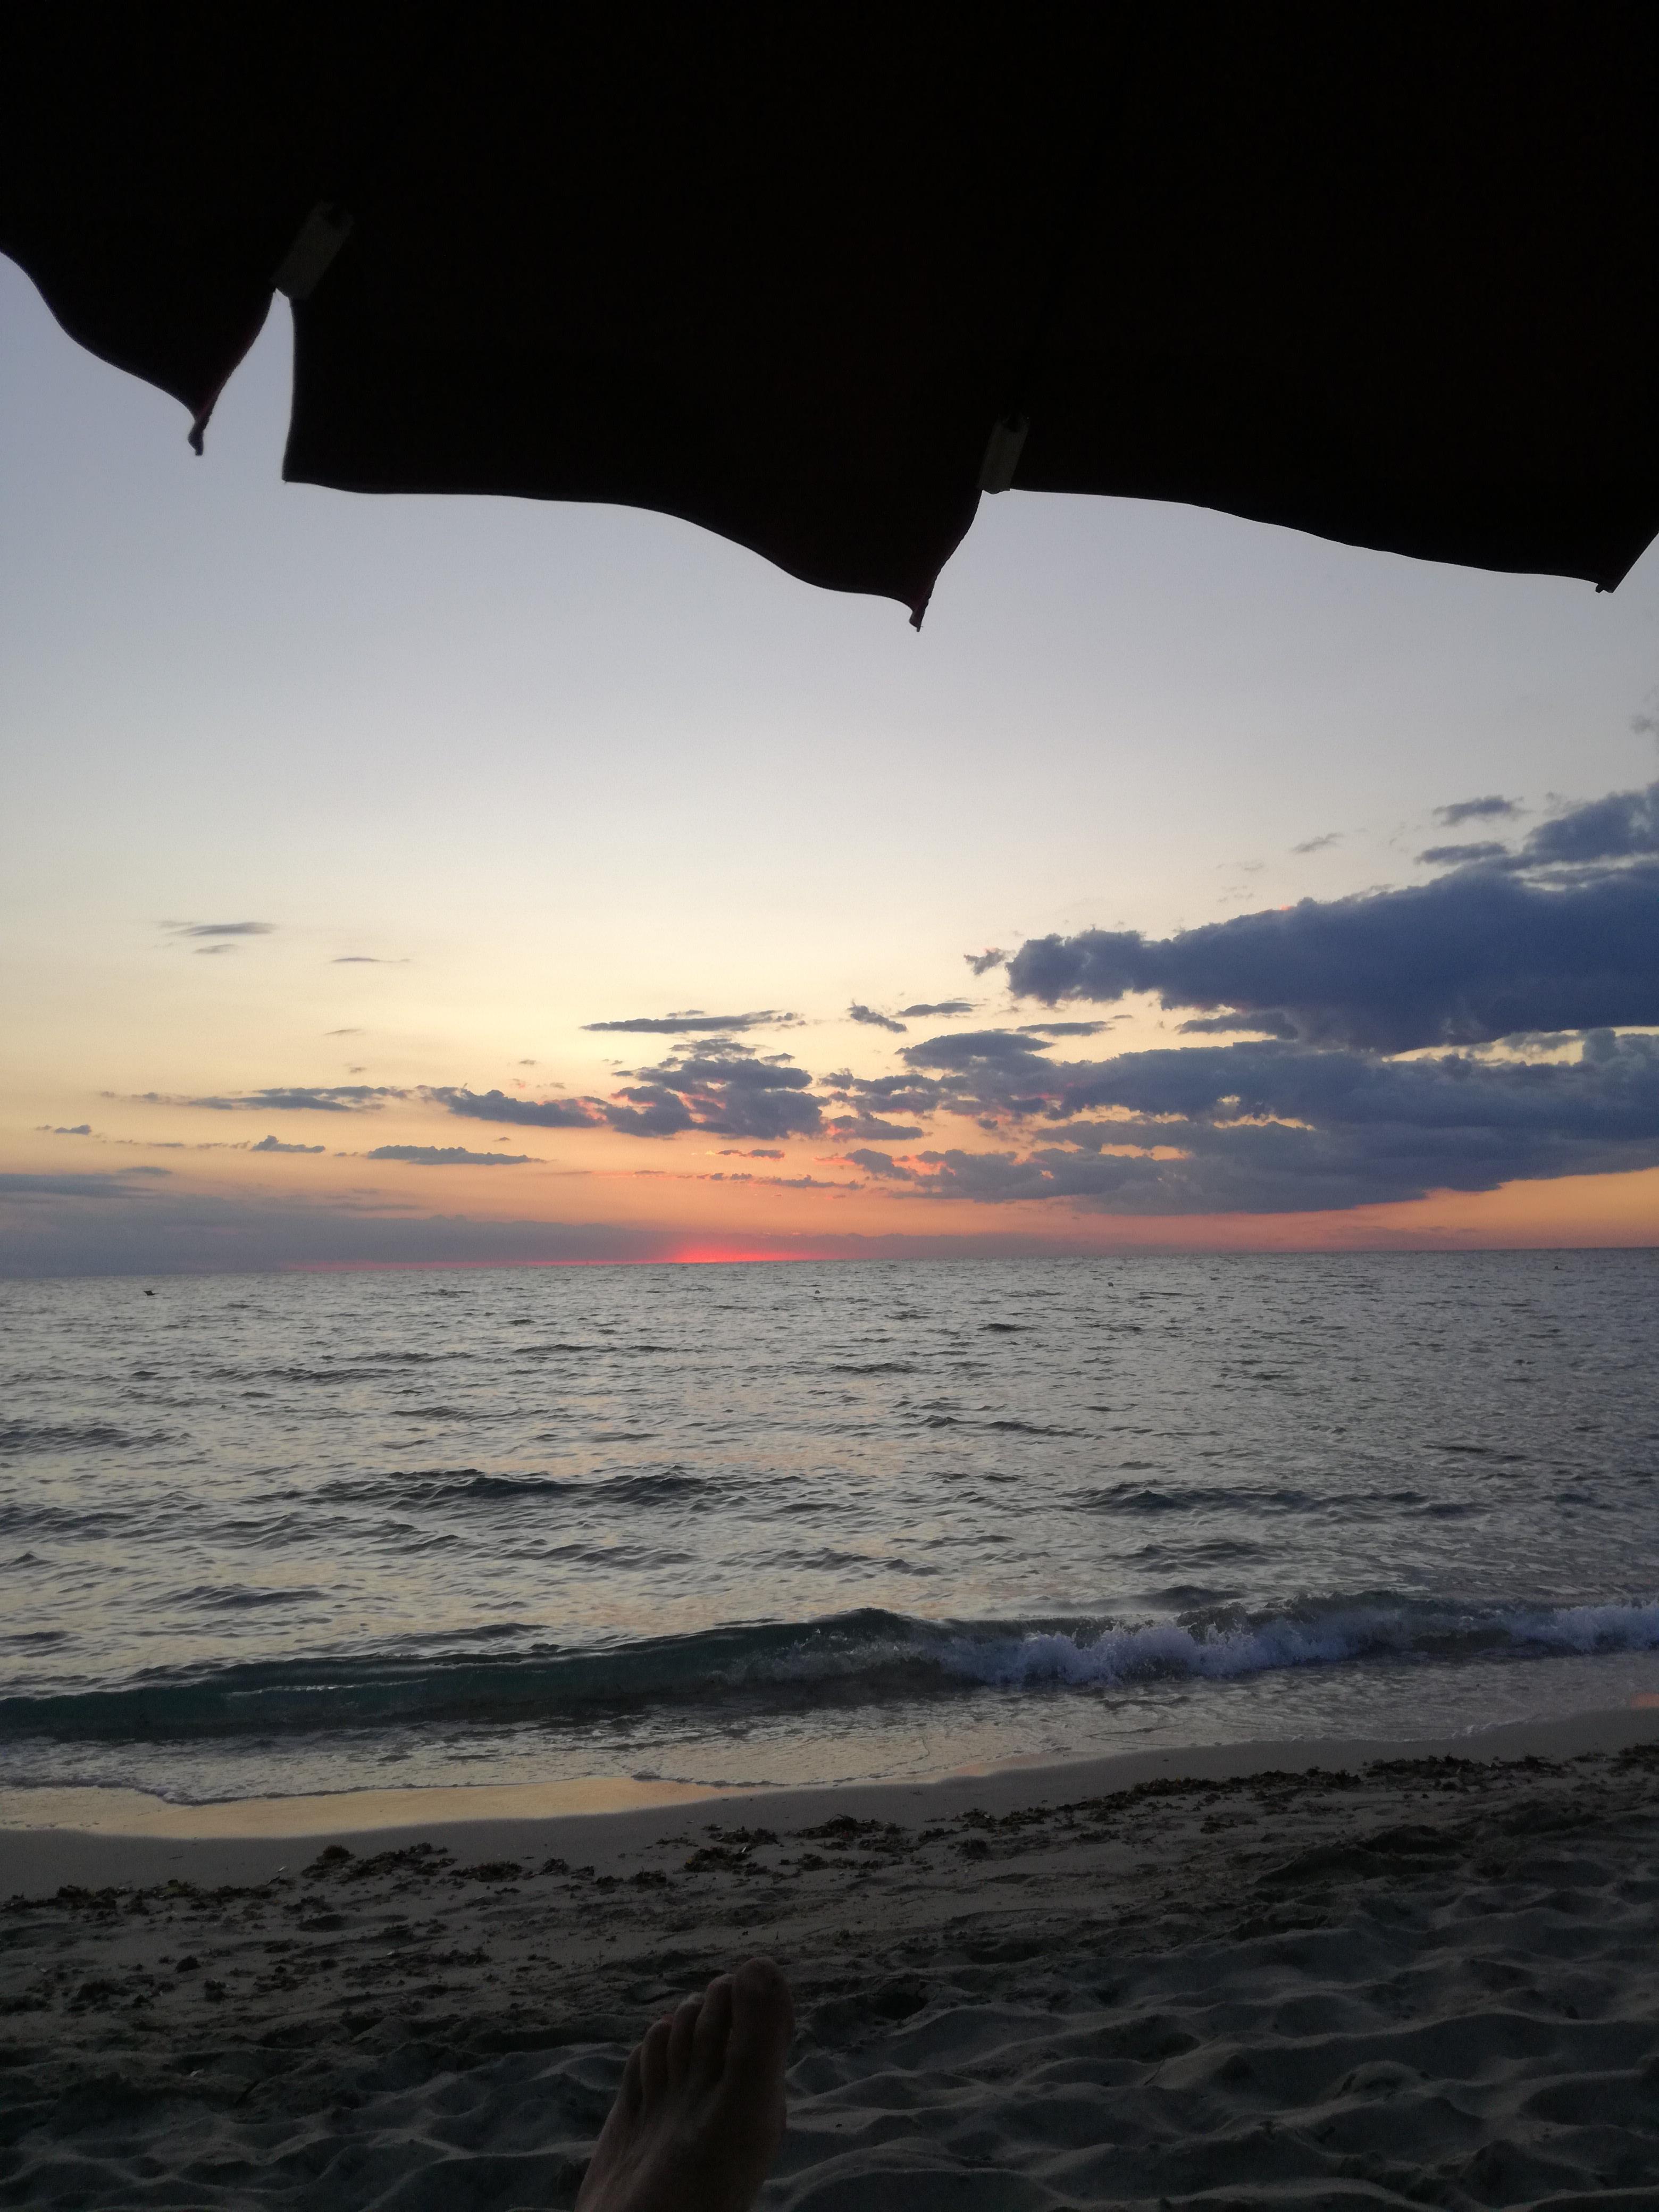 Iride beach